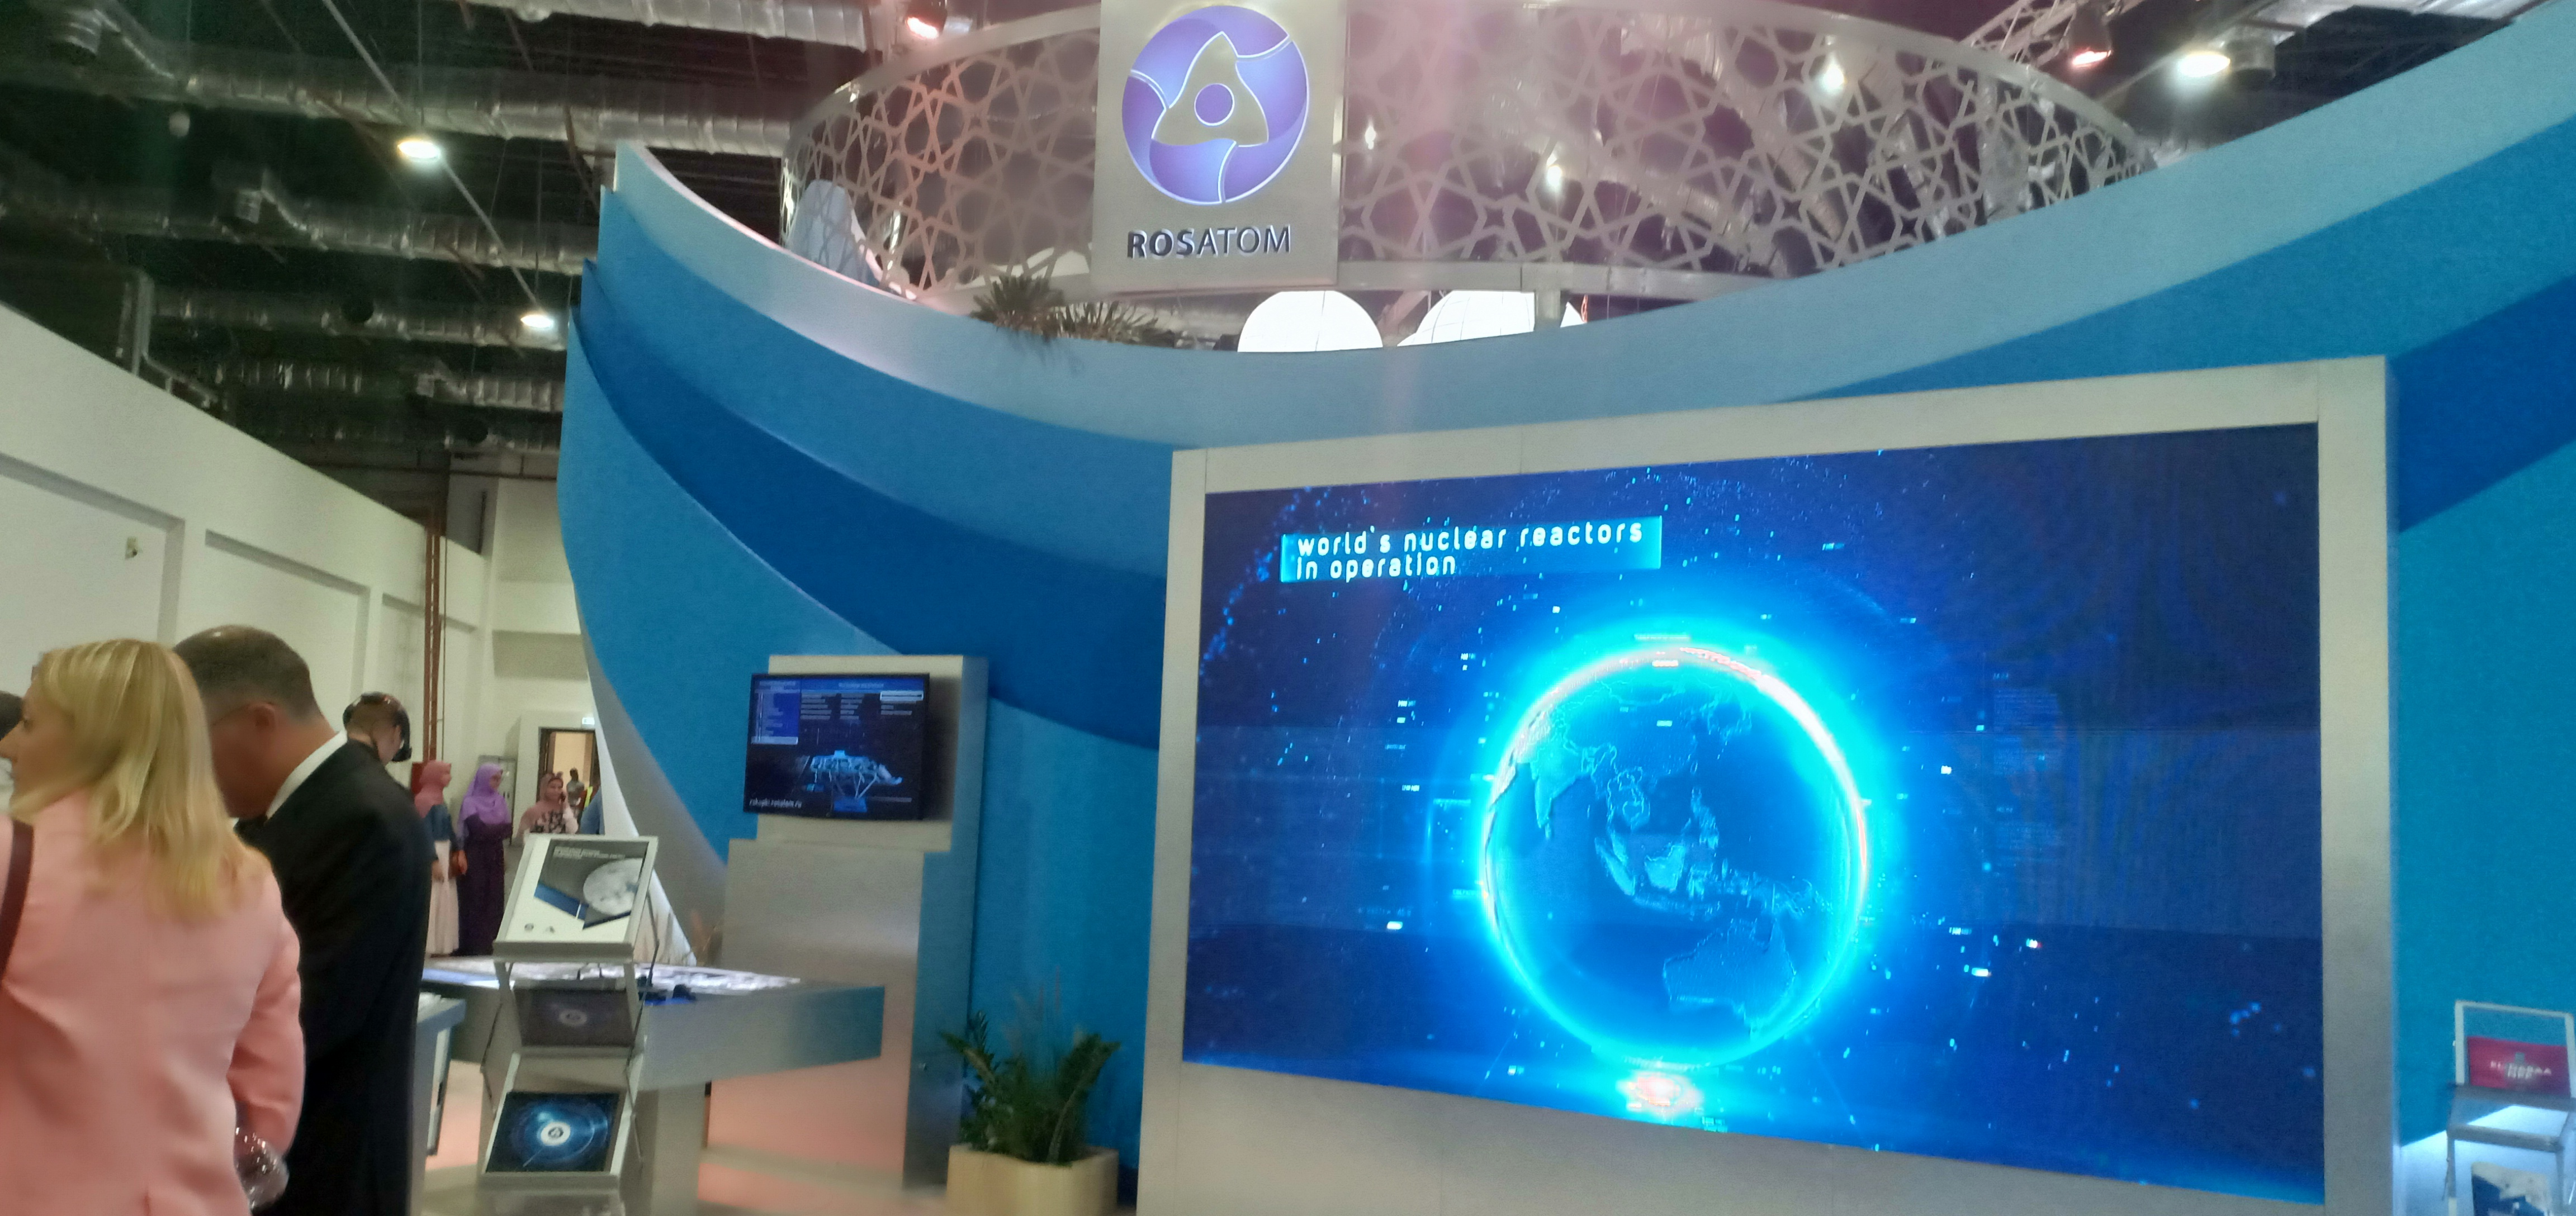 روساتوم تعرض نموذج لمفاعلات الضبعة بتقنية 3d  بمعرض الاسبوع الصناعى (1)